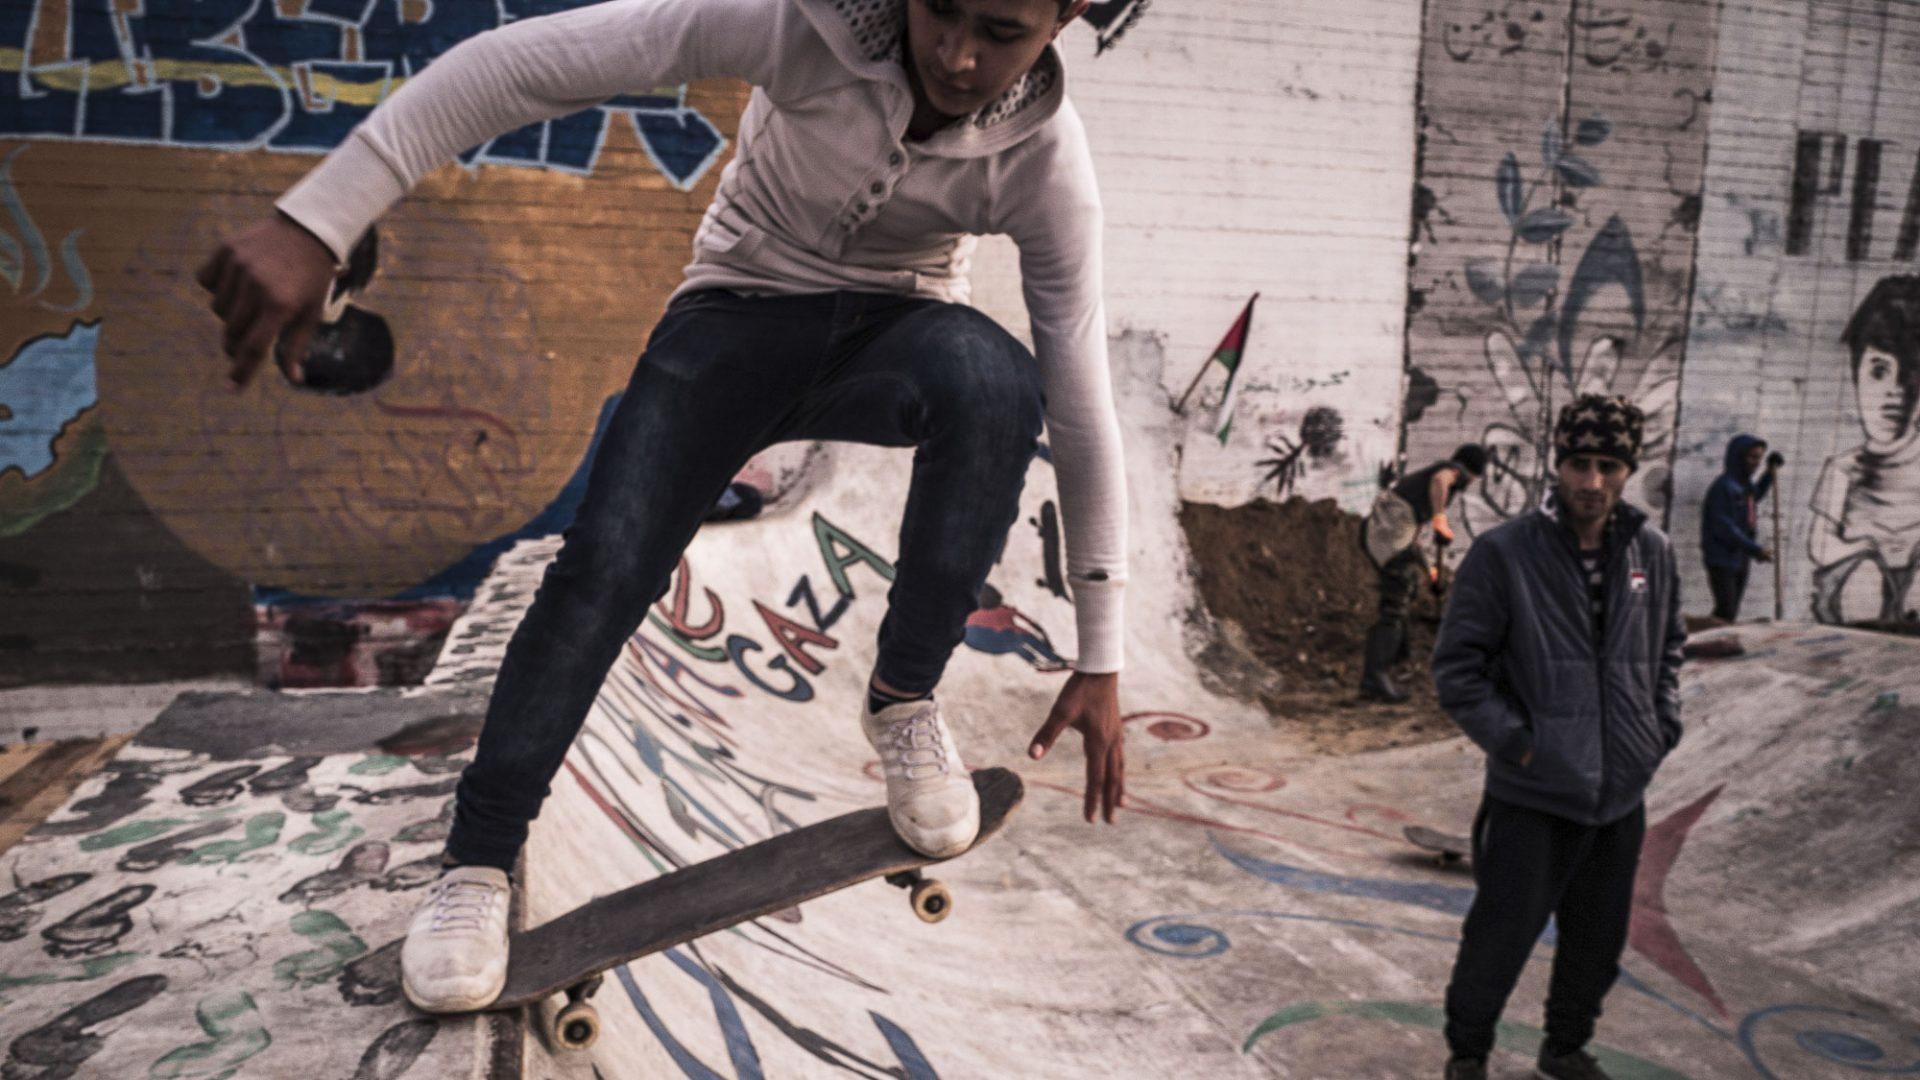 A man skates on a ramp built by the Italian NGO, ACS.